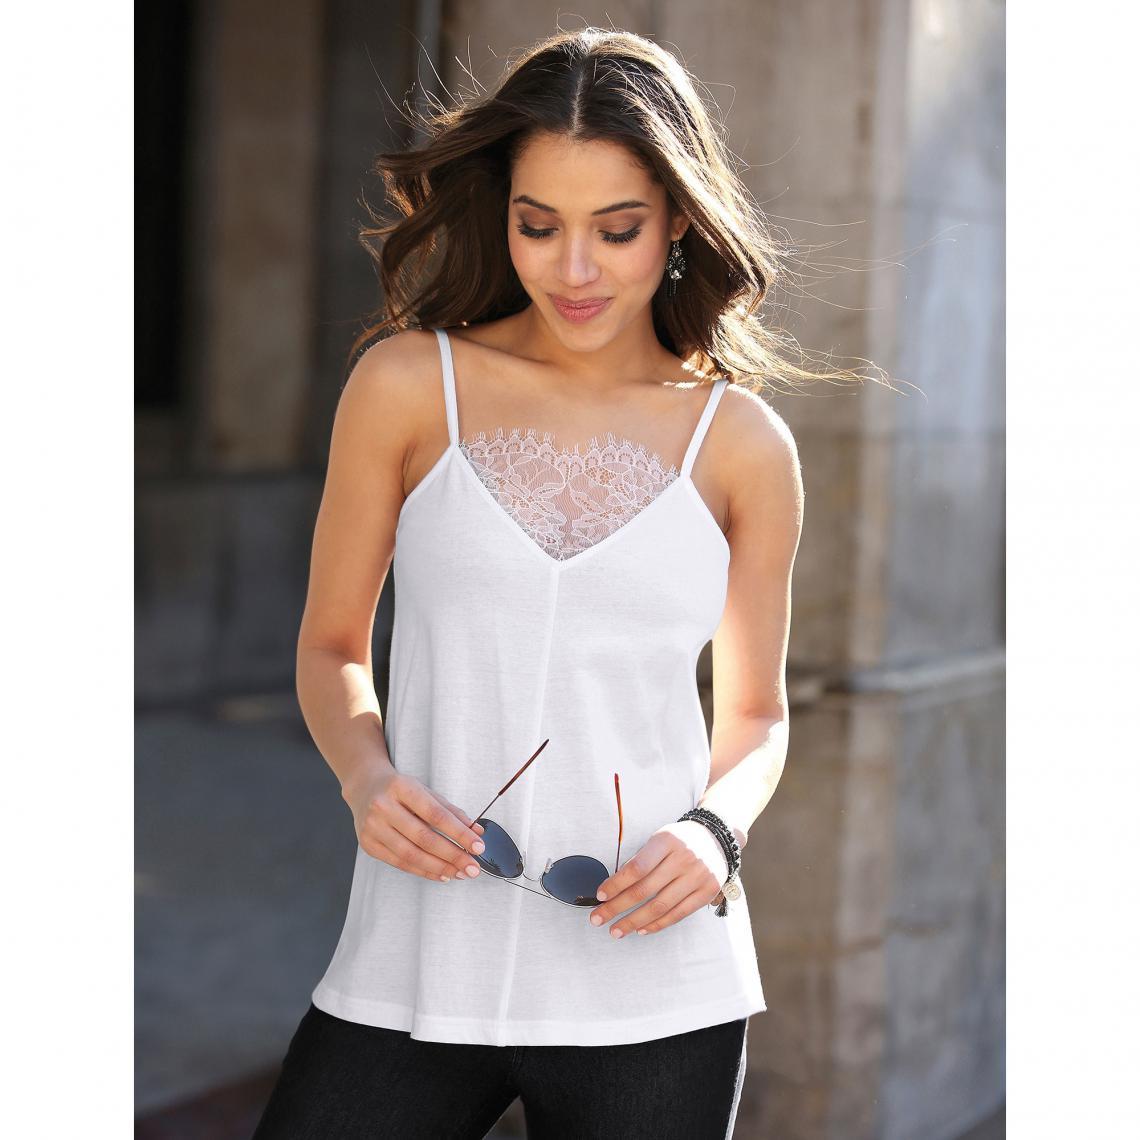 20a0aa7abccb6 Tee-shirt à bretelles col en V avec dentelle femme - Blanc | 3 SUISSES